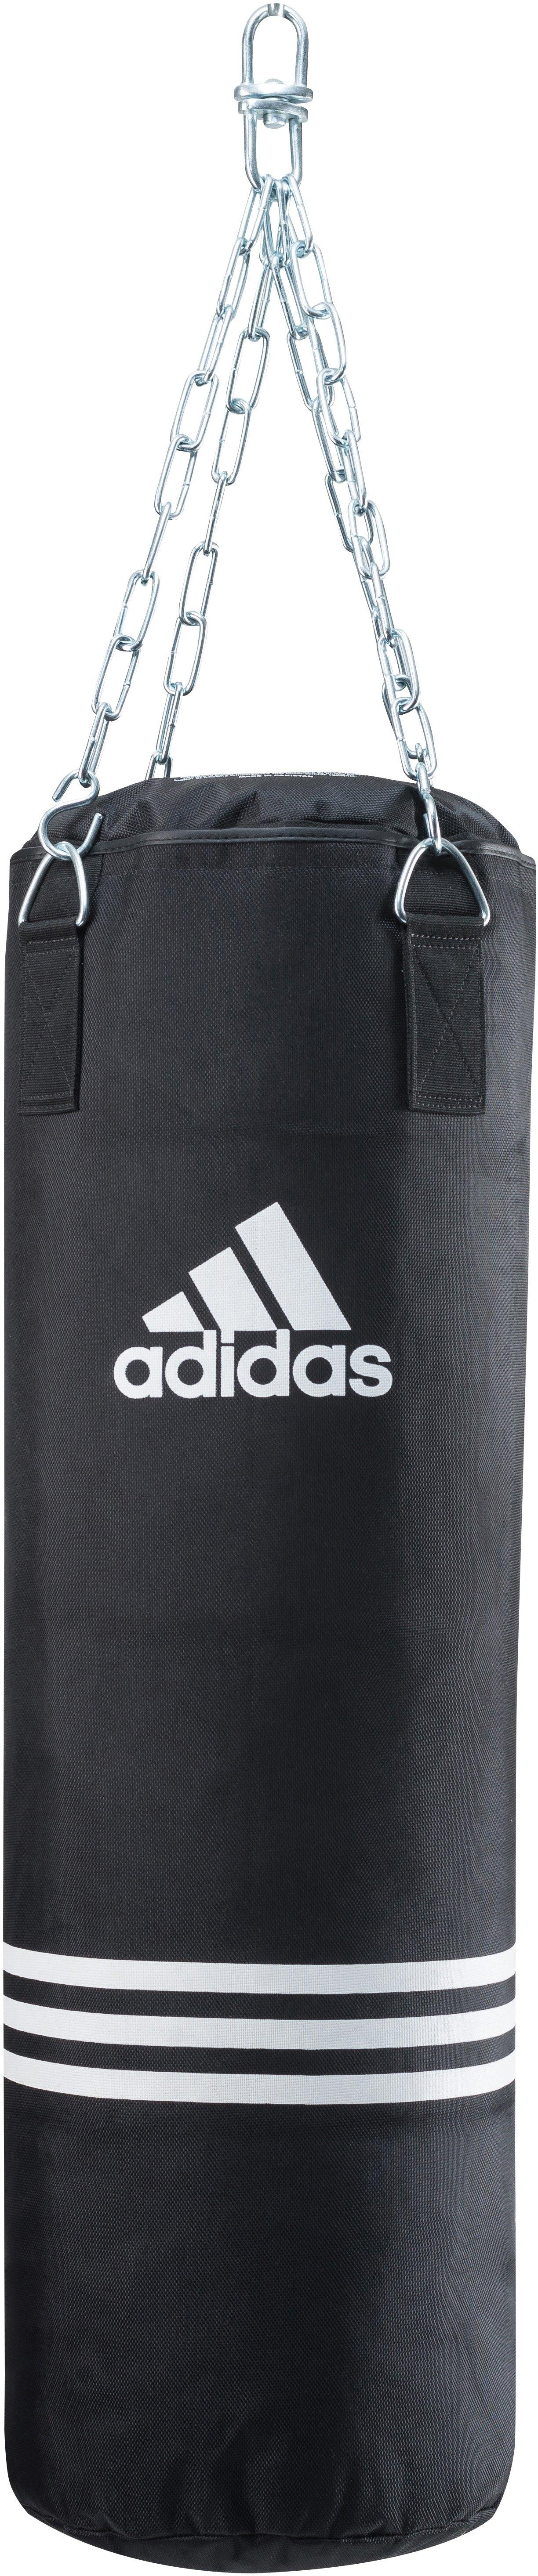 adidas Performance Bokszak, »Canvas Type«, te bestellen in 2 afmetingen - verschillende betaalmethodes